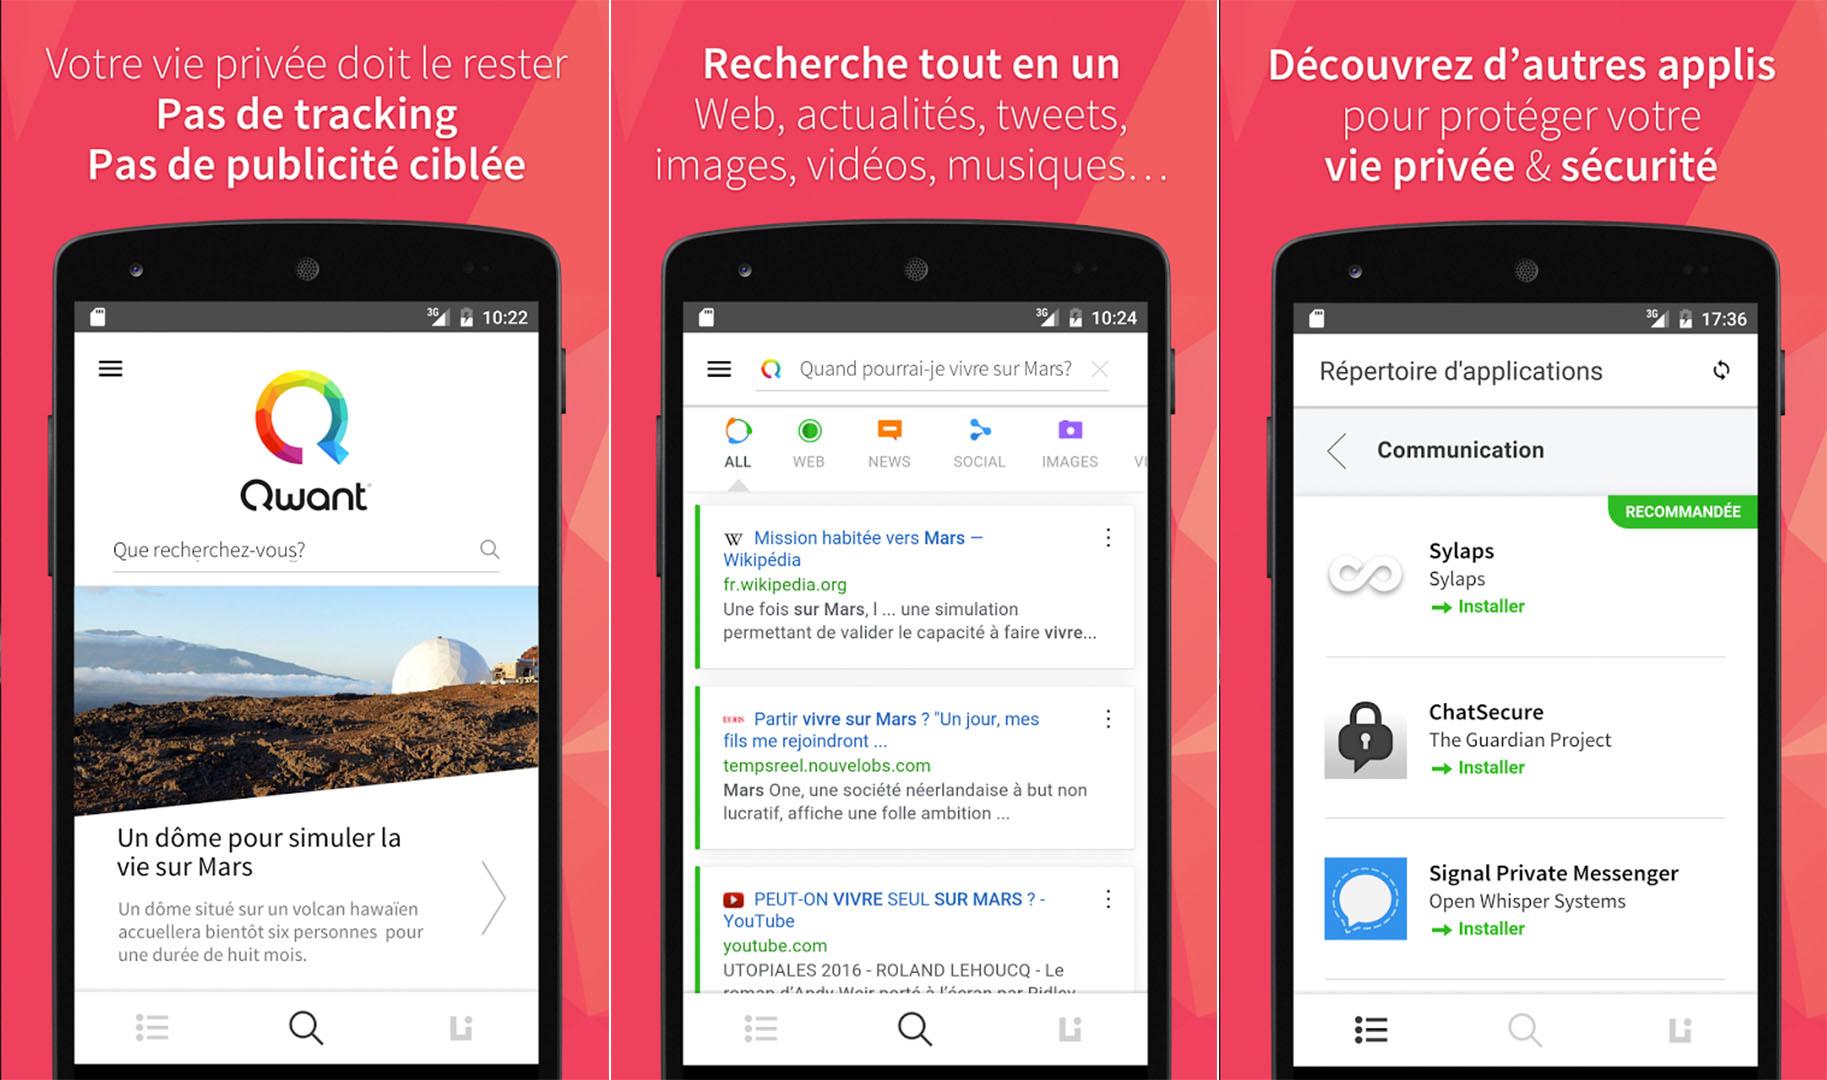 Qwant : le moteur de recherche lance son application sur Android et iOS